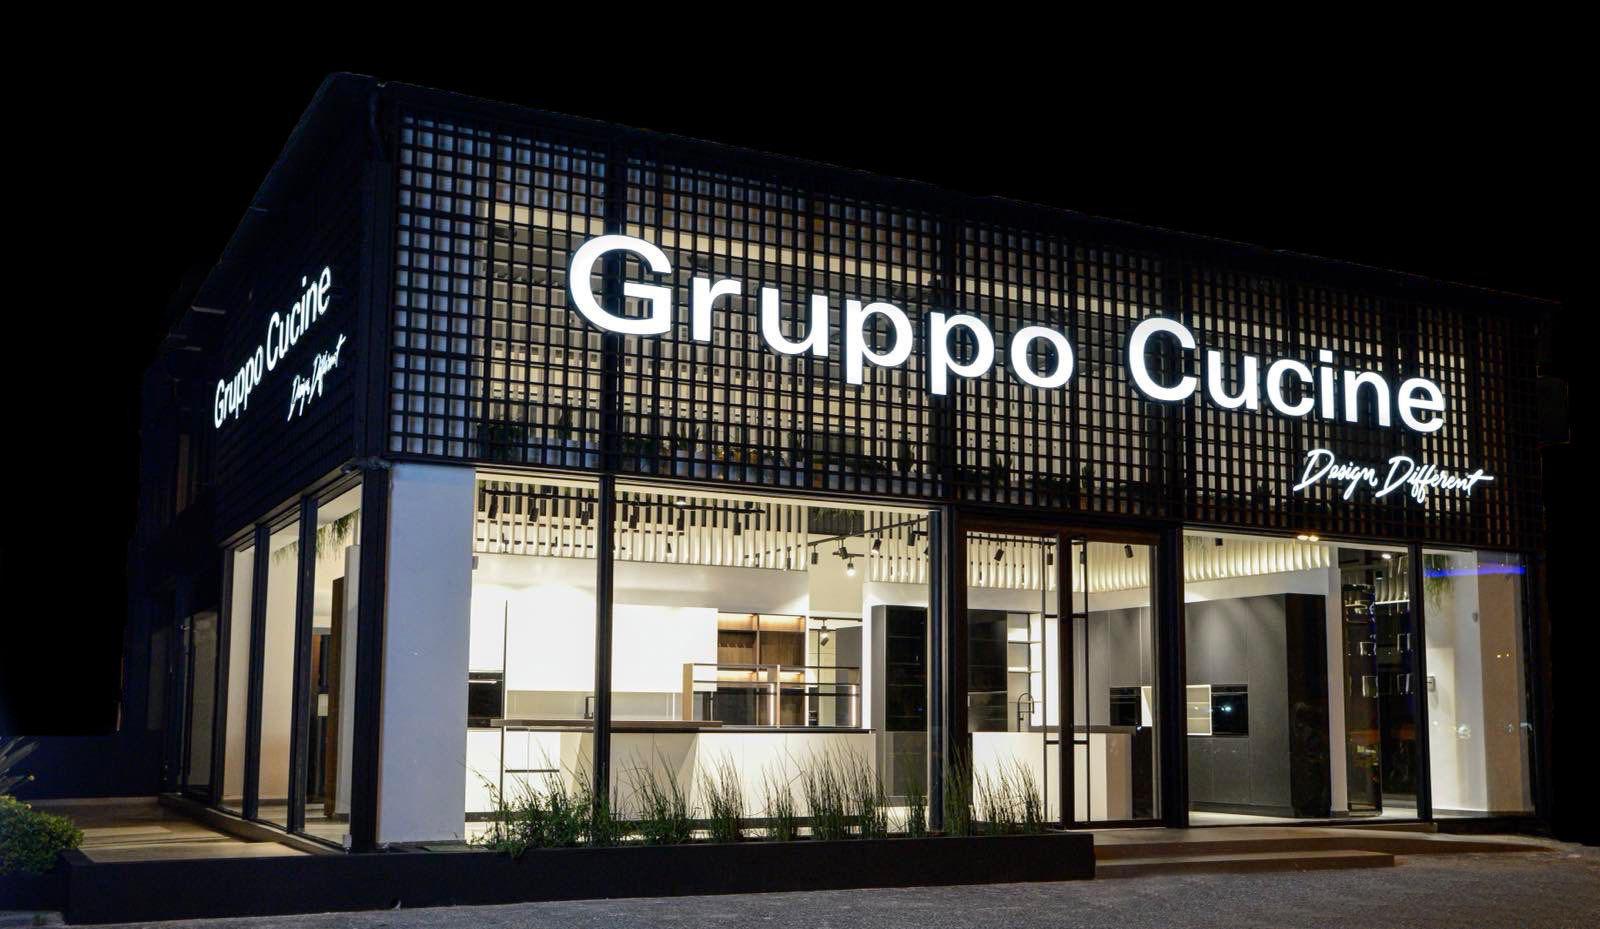 Σε διεύρυνση του δικτύου της προχωρά η Gruppo Cucine